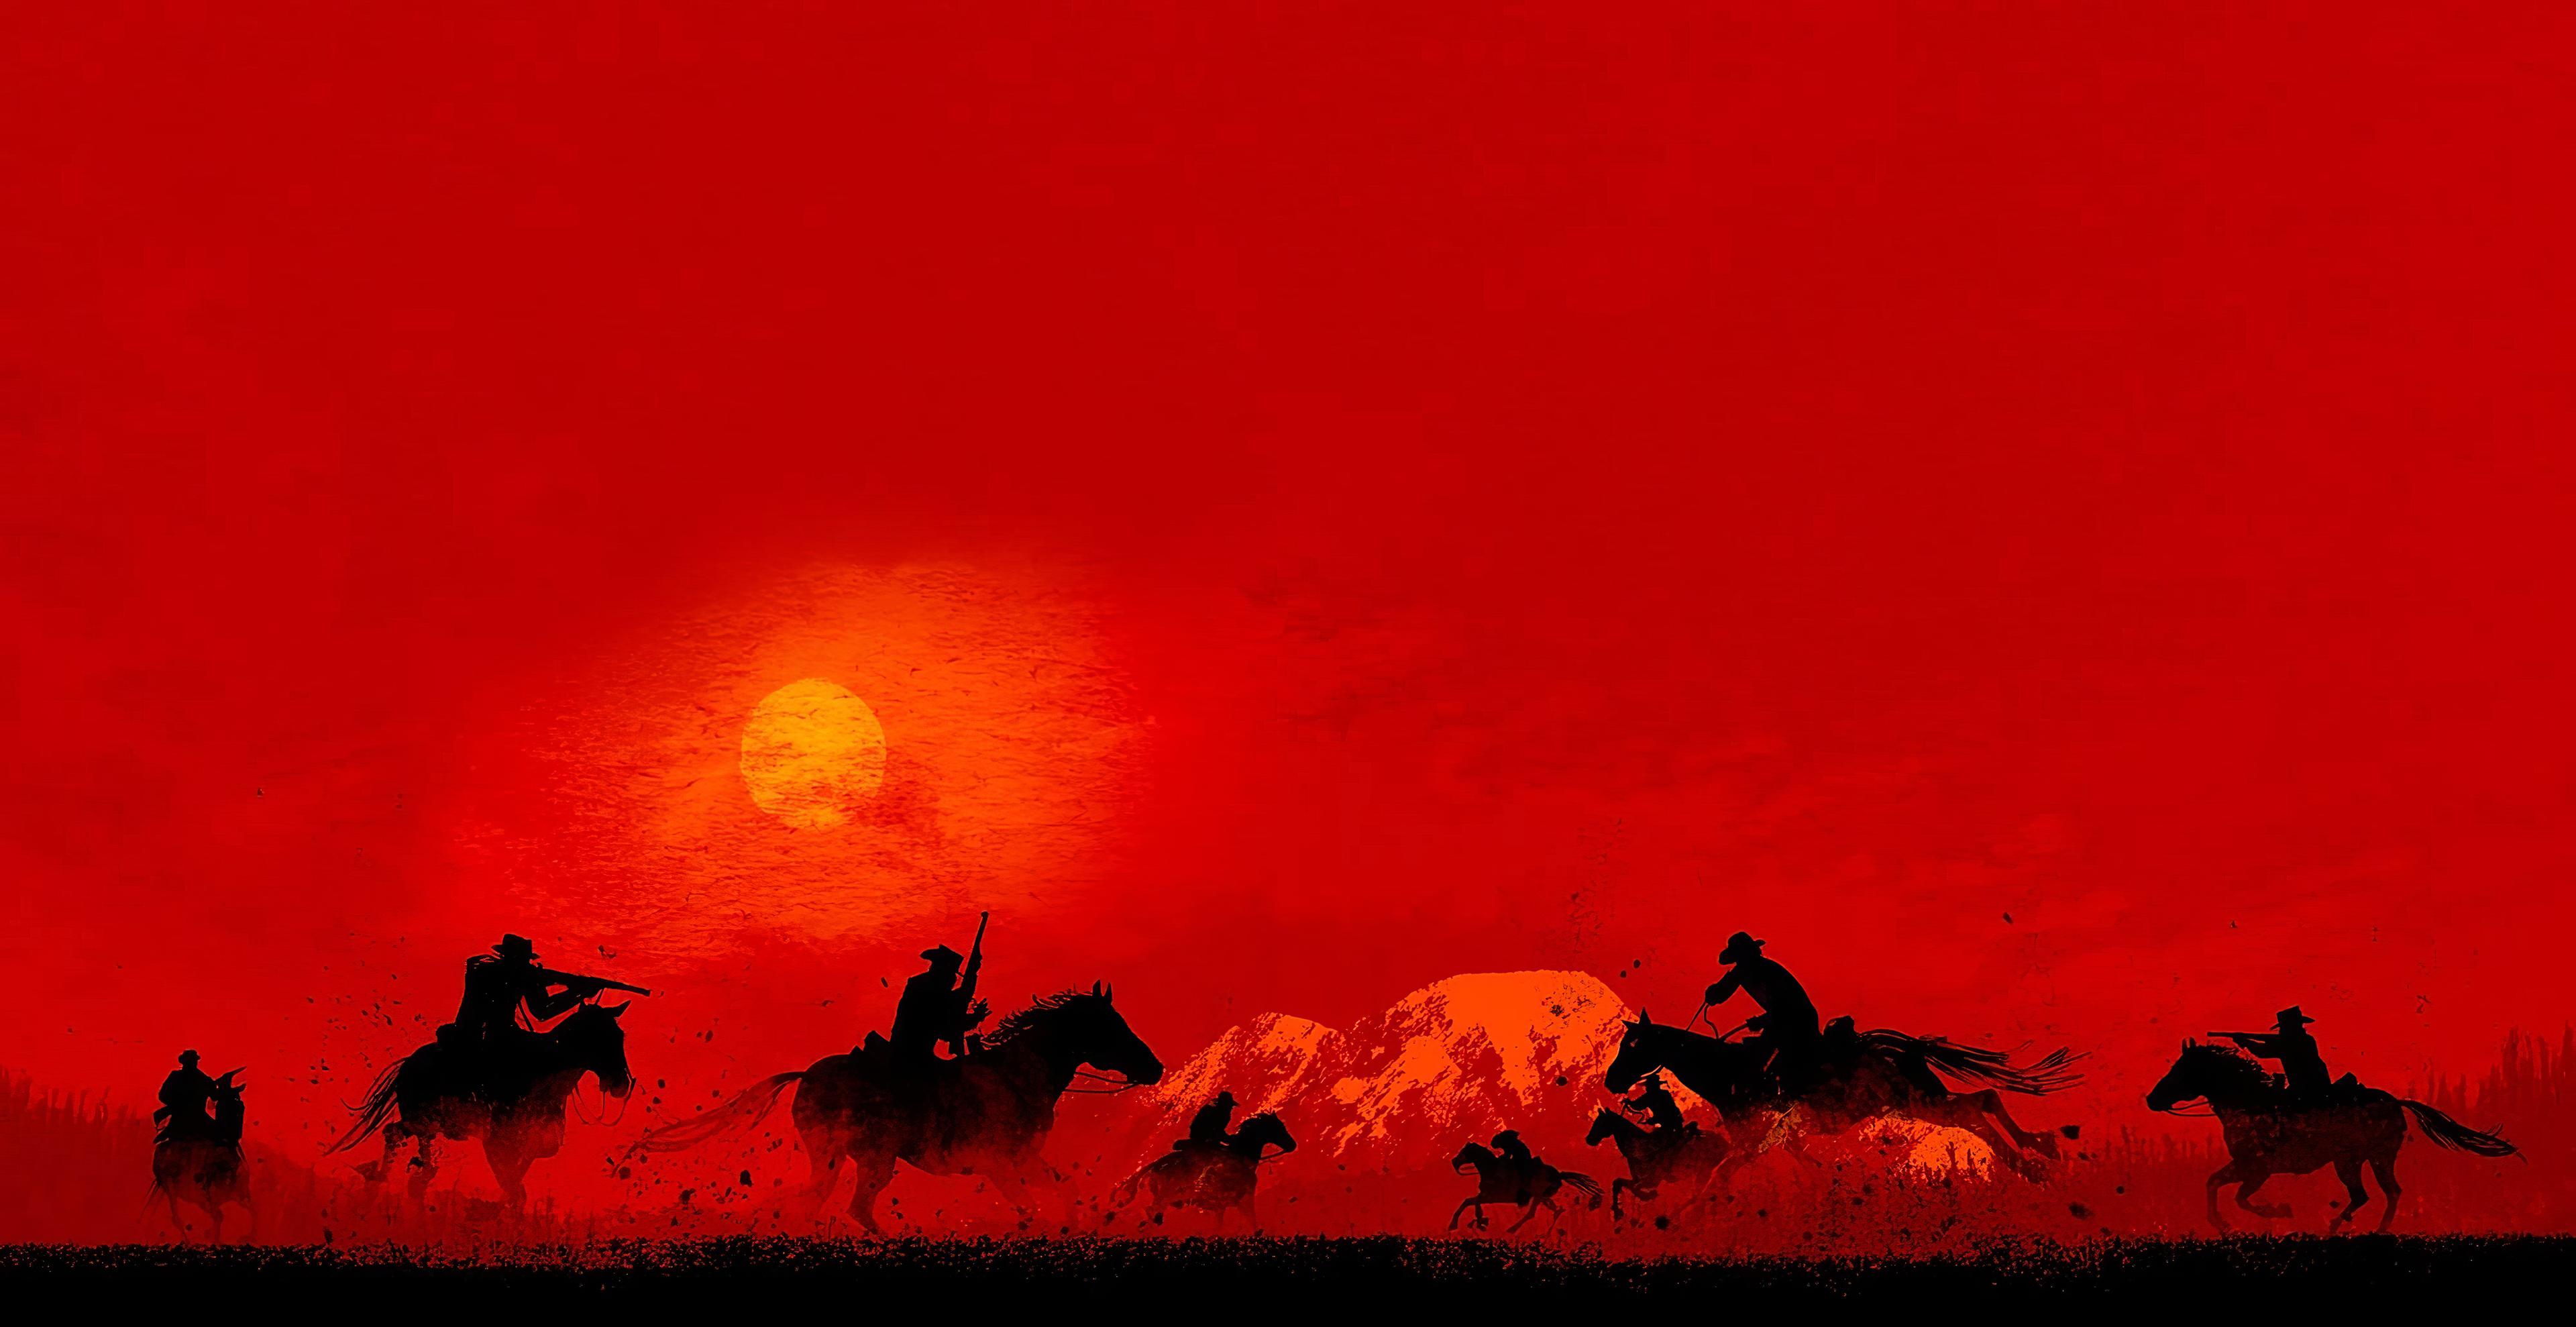 Red Dead Redemption 2 Fondo De Pantalla Hd Fondo De